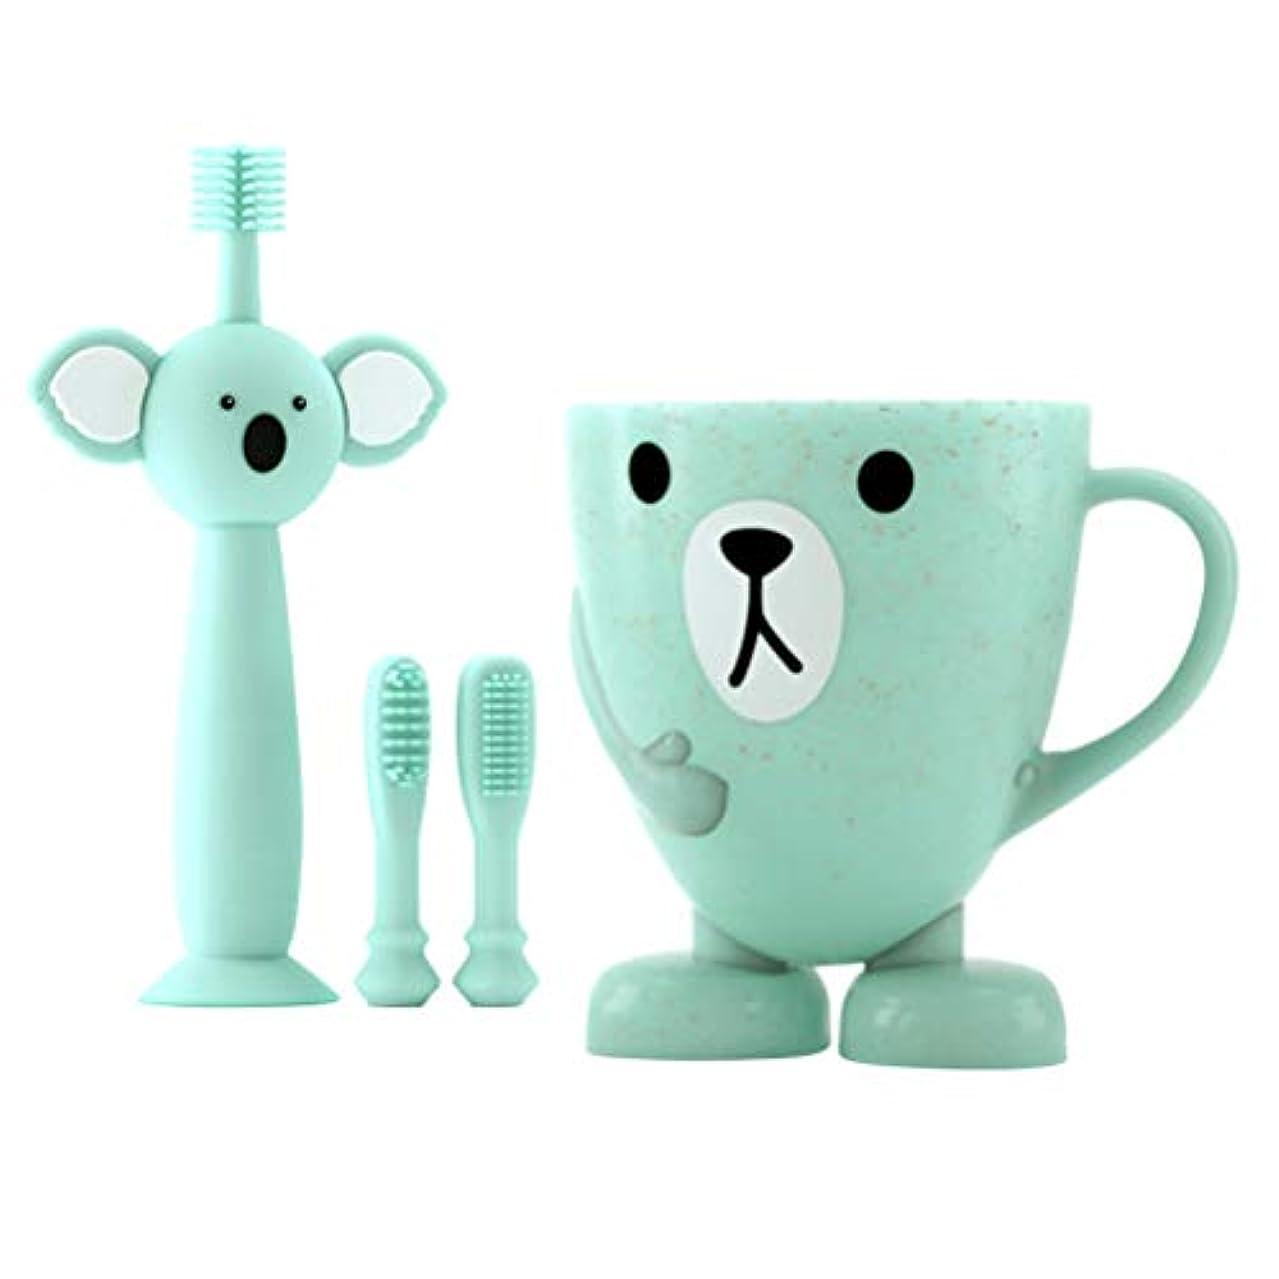 TOYANDONA 赤ちゃんの歯のクリーニングセット幼児シリコン歯ブラシ2個付き交換用ブラシヘ??ッドカップ4個